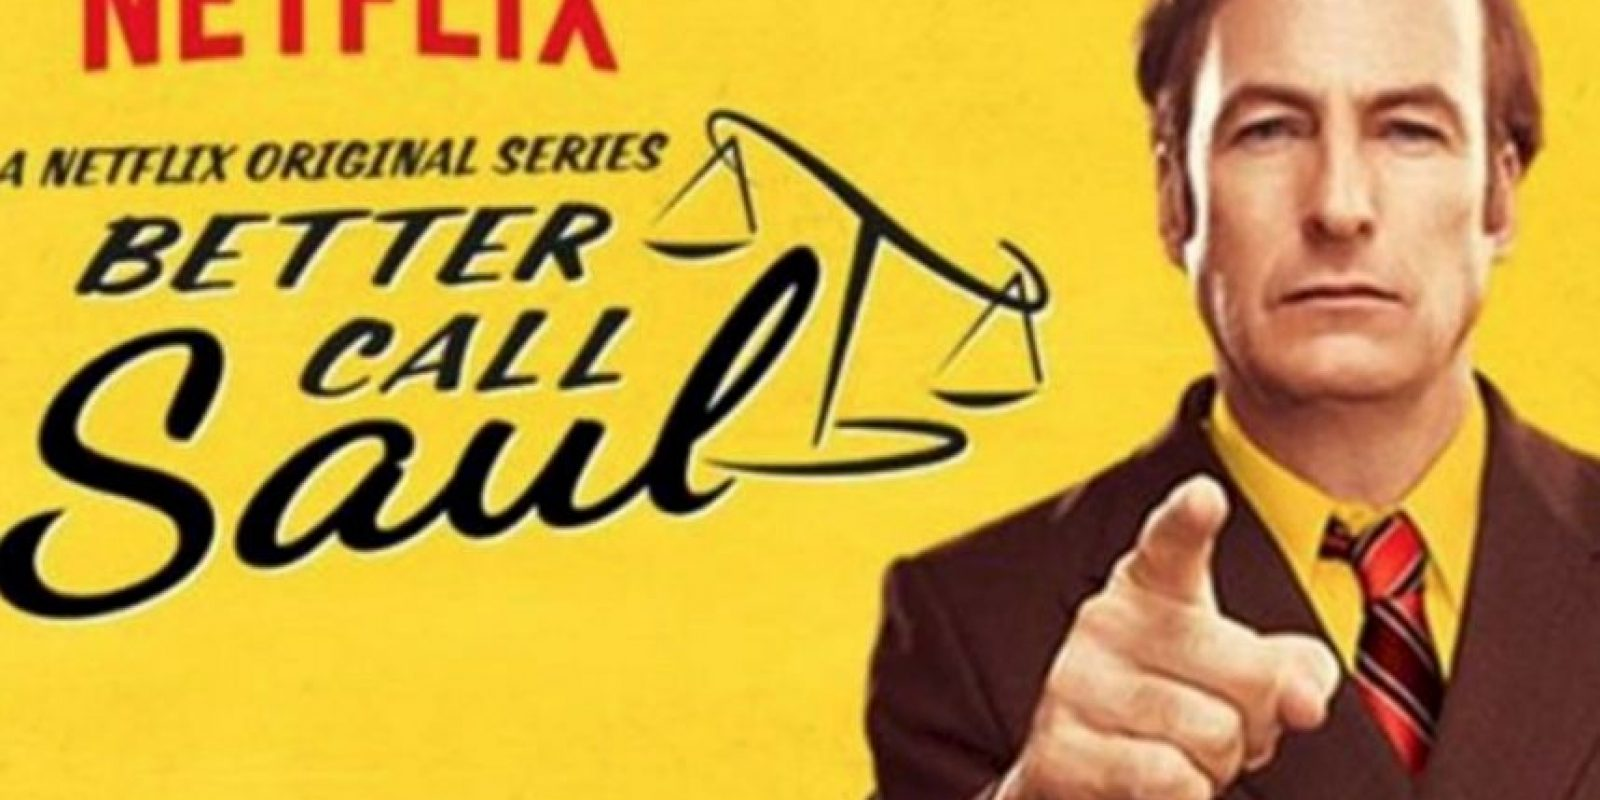 """El spin-off de la popular serie """"The Walking Dead"""" aborda la historia detrás de """"Saul Goodman"""" y su hermano """"Chuck"""" antes de que se convirtiera en el abogado de """"Walter White"""". Foto:Netflix"""